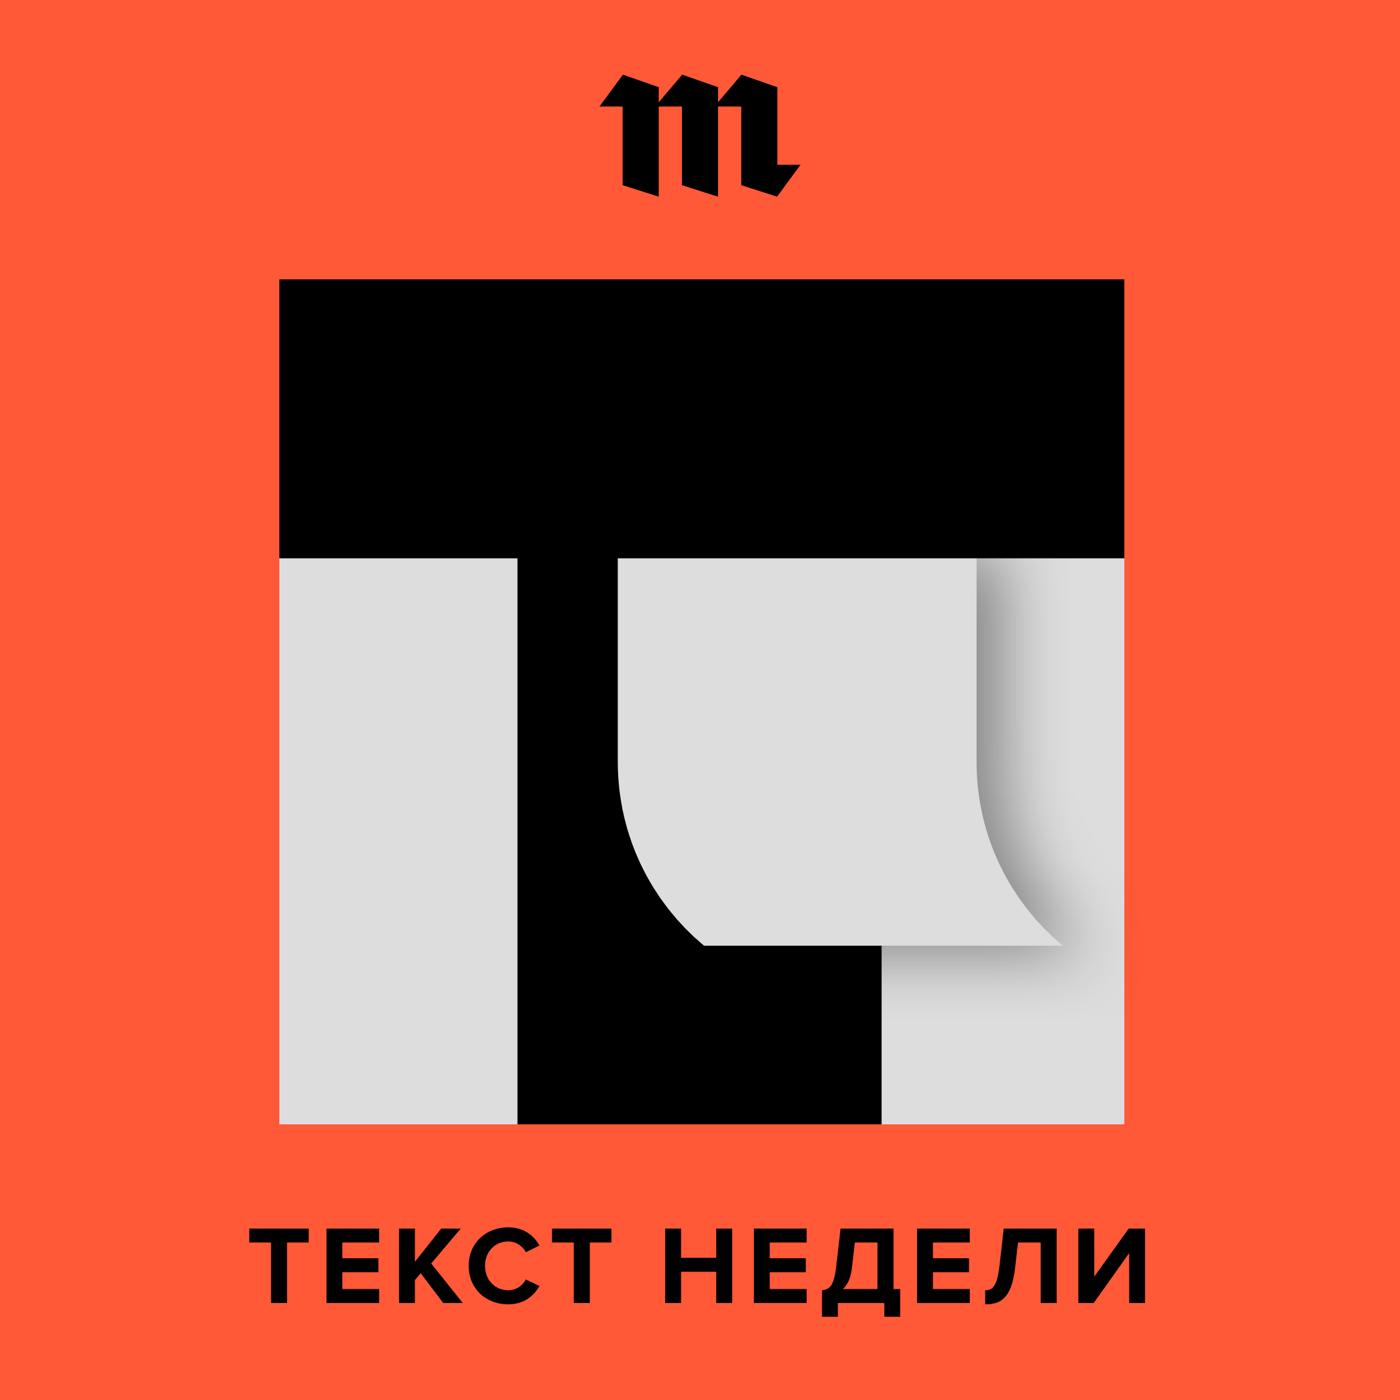 Айлика Кремер Саакашвили прорывается через границу айлика кремер как советские власти расстреляли мирную демонстрацию в новочеркасске